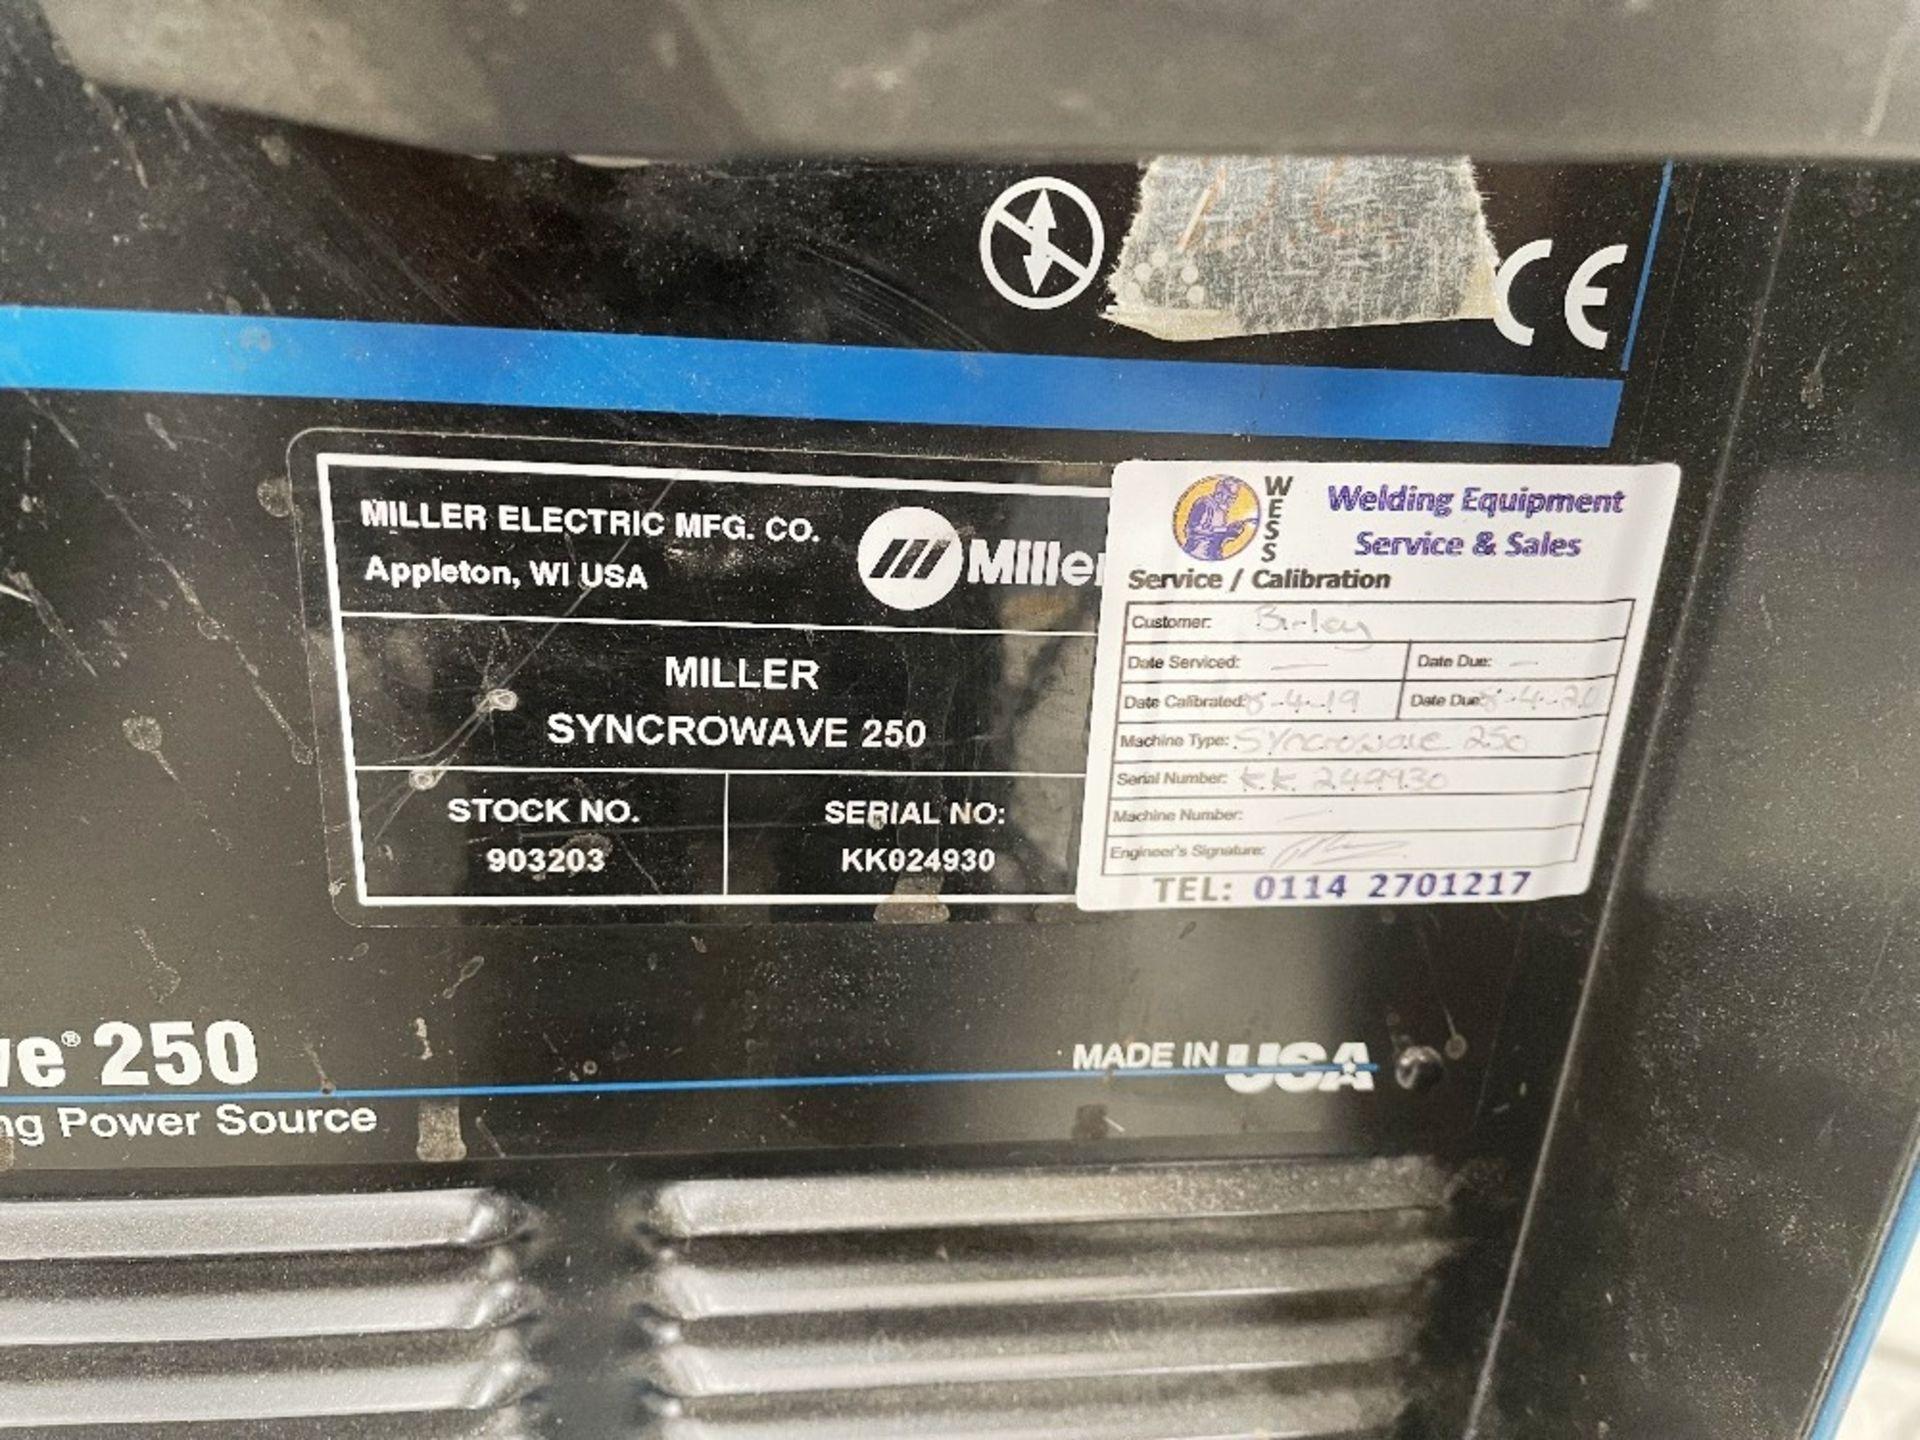 Miller Syncrowave 250 Tig Welder - Image 2 of 2